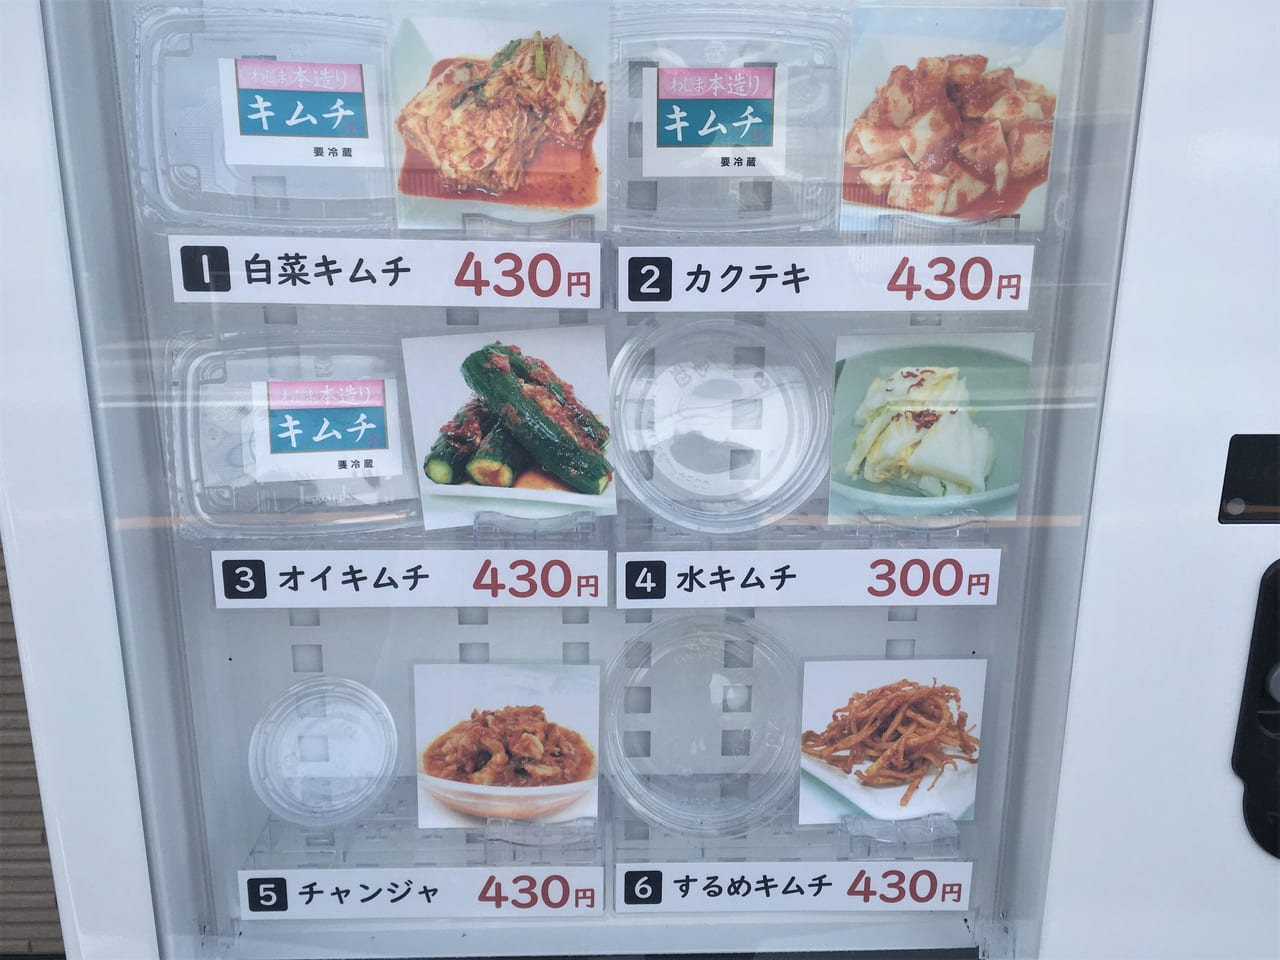 一宮市のキムチ屋さん わじまフーズのキムチの自販機